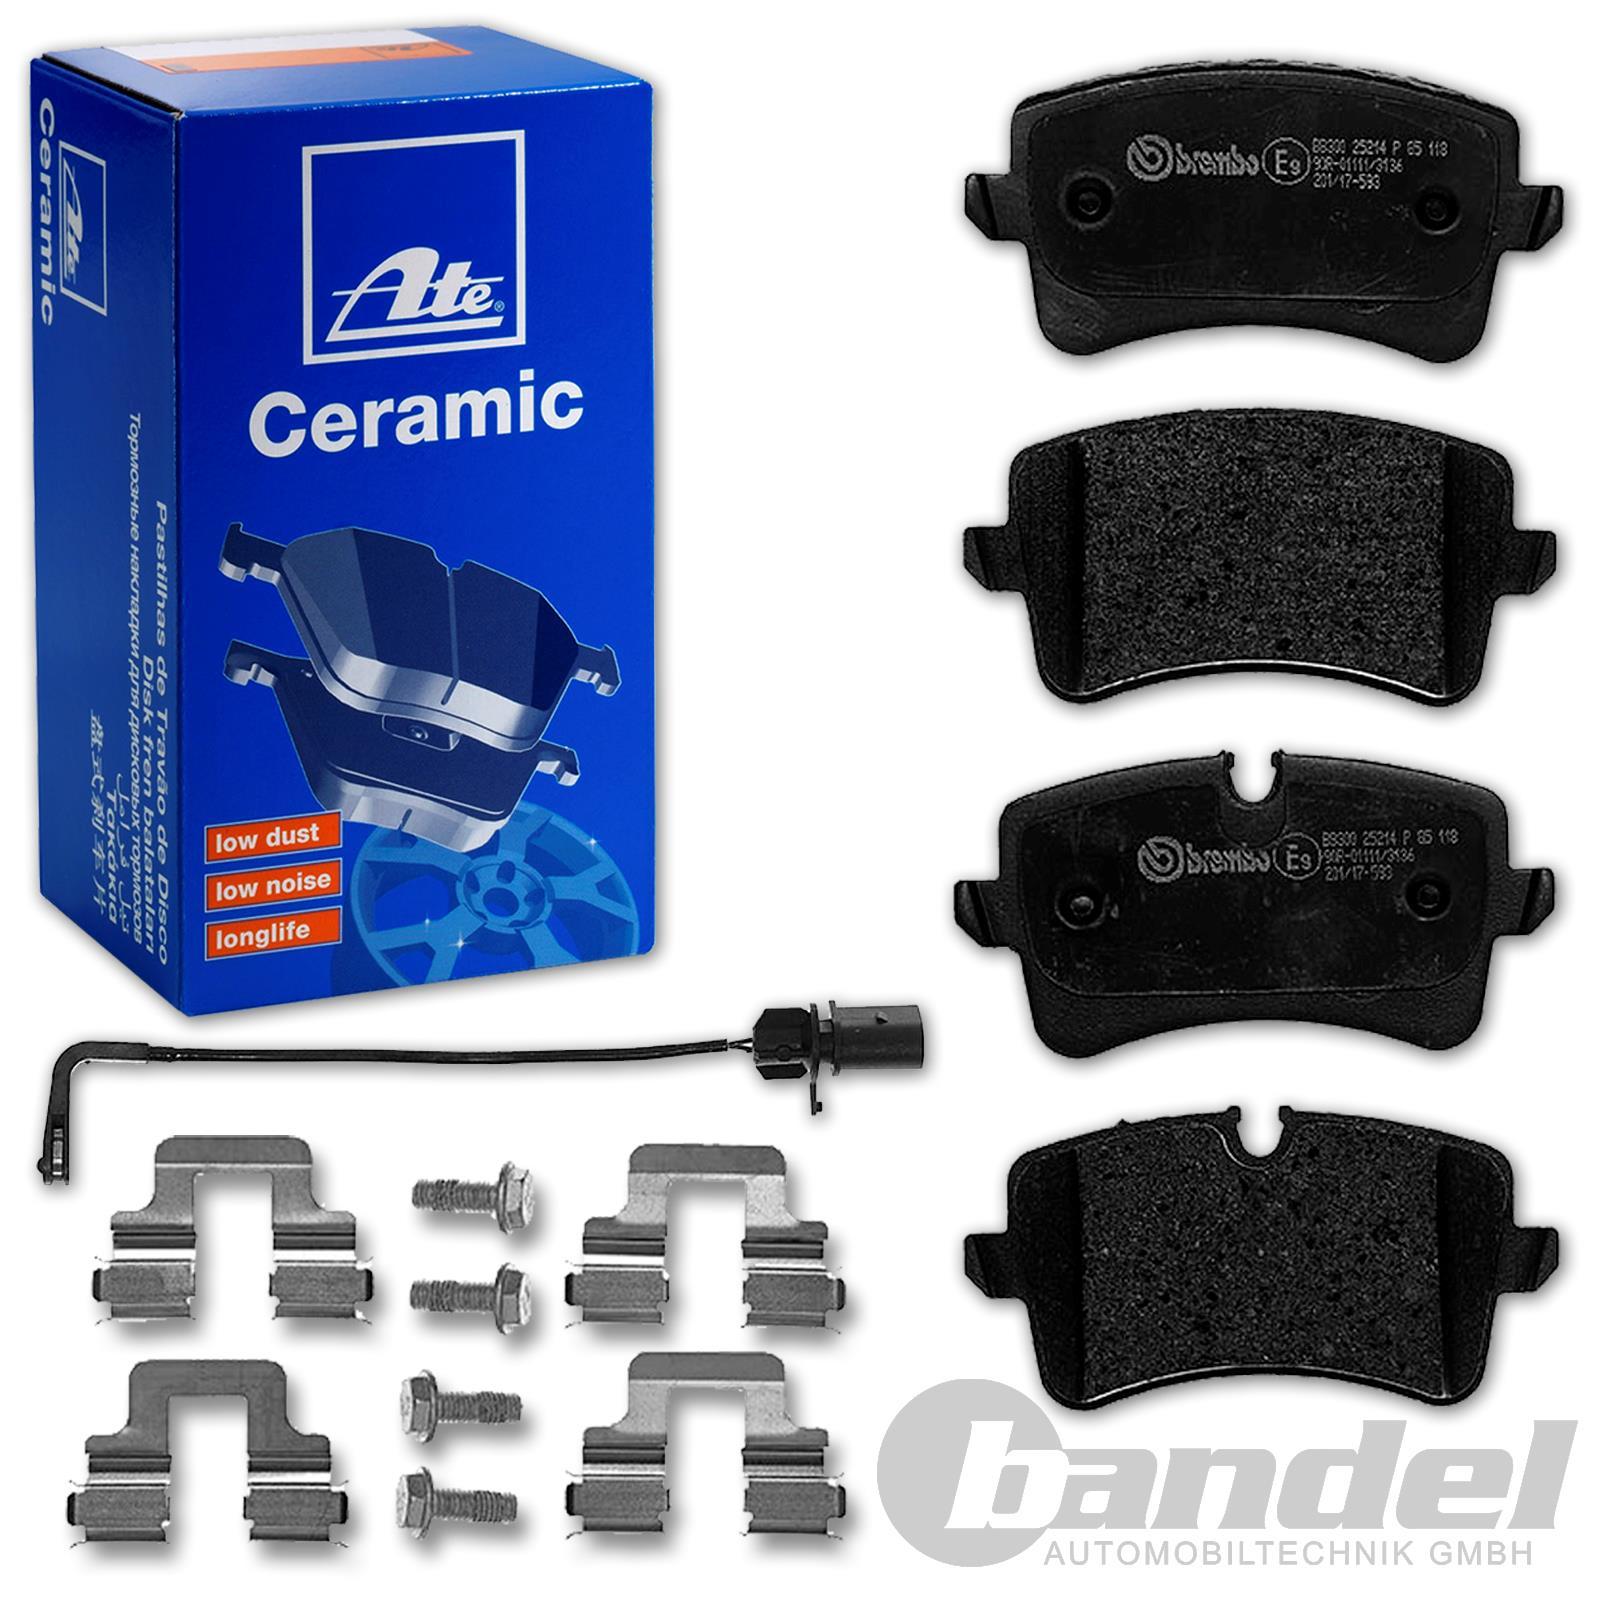 A6 AVANT ATE Bremsscheiben 330mm Ceramic Bremsbeläge für hinten AUDI A6